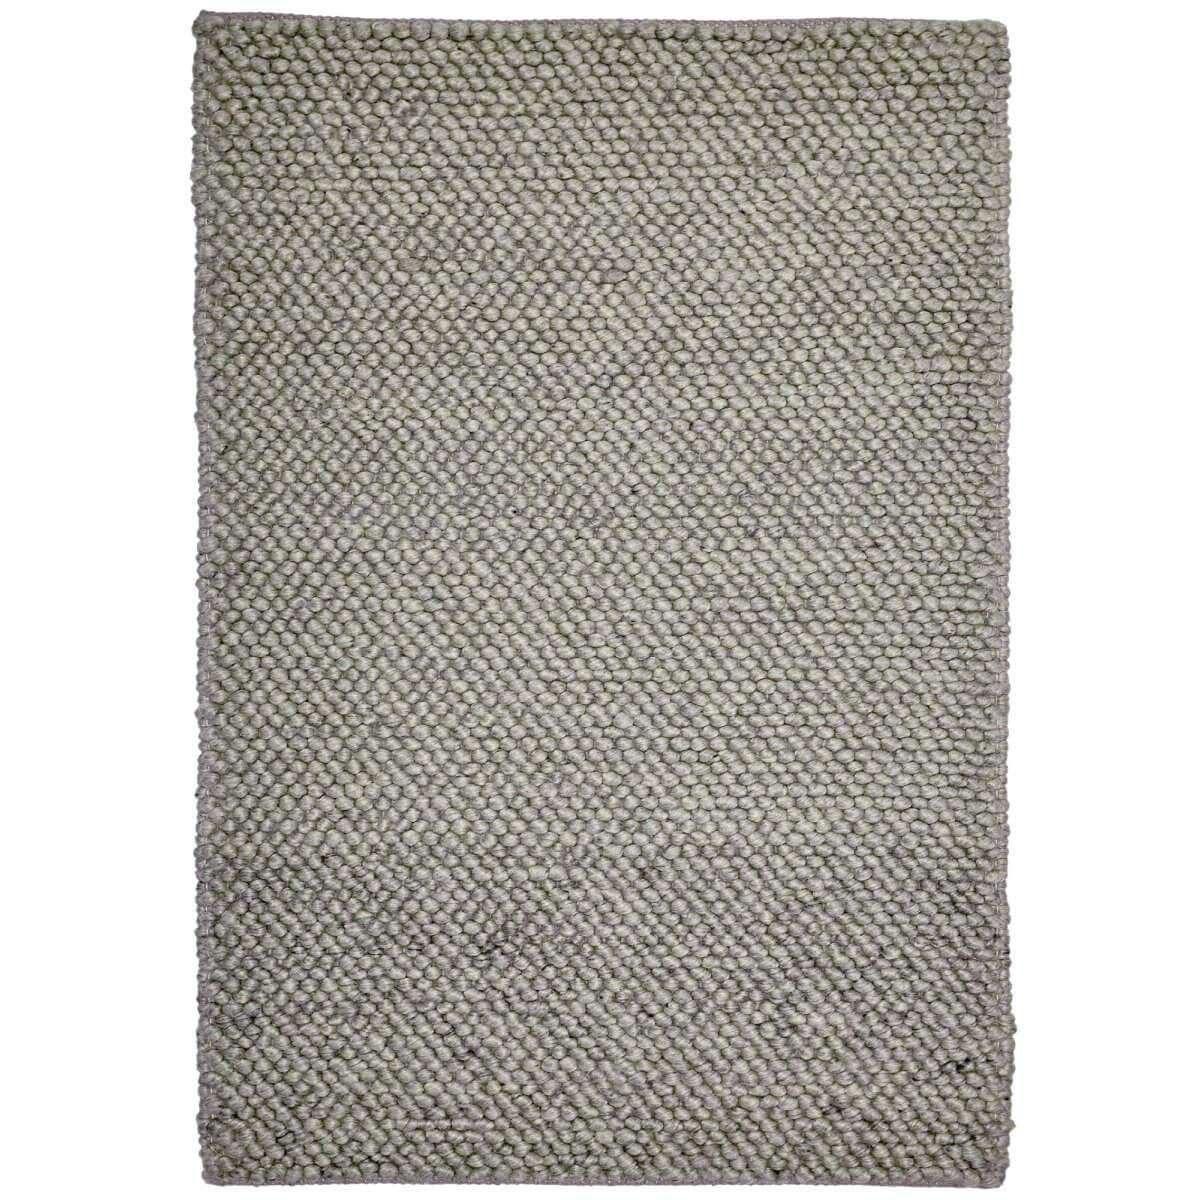 Aspen Handwoven Wool Rug, 290x200cm, Metal